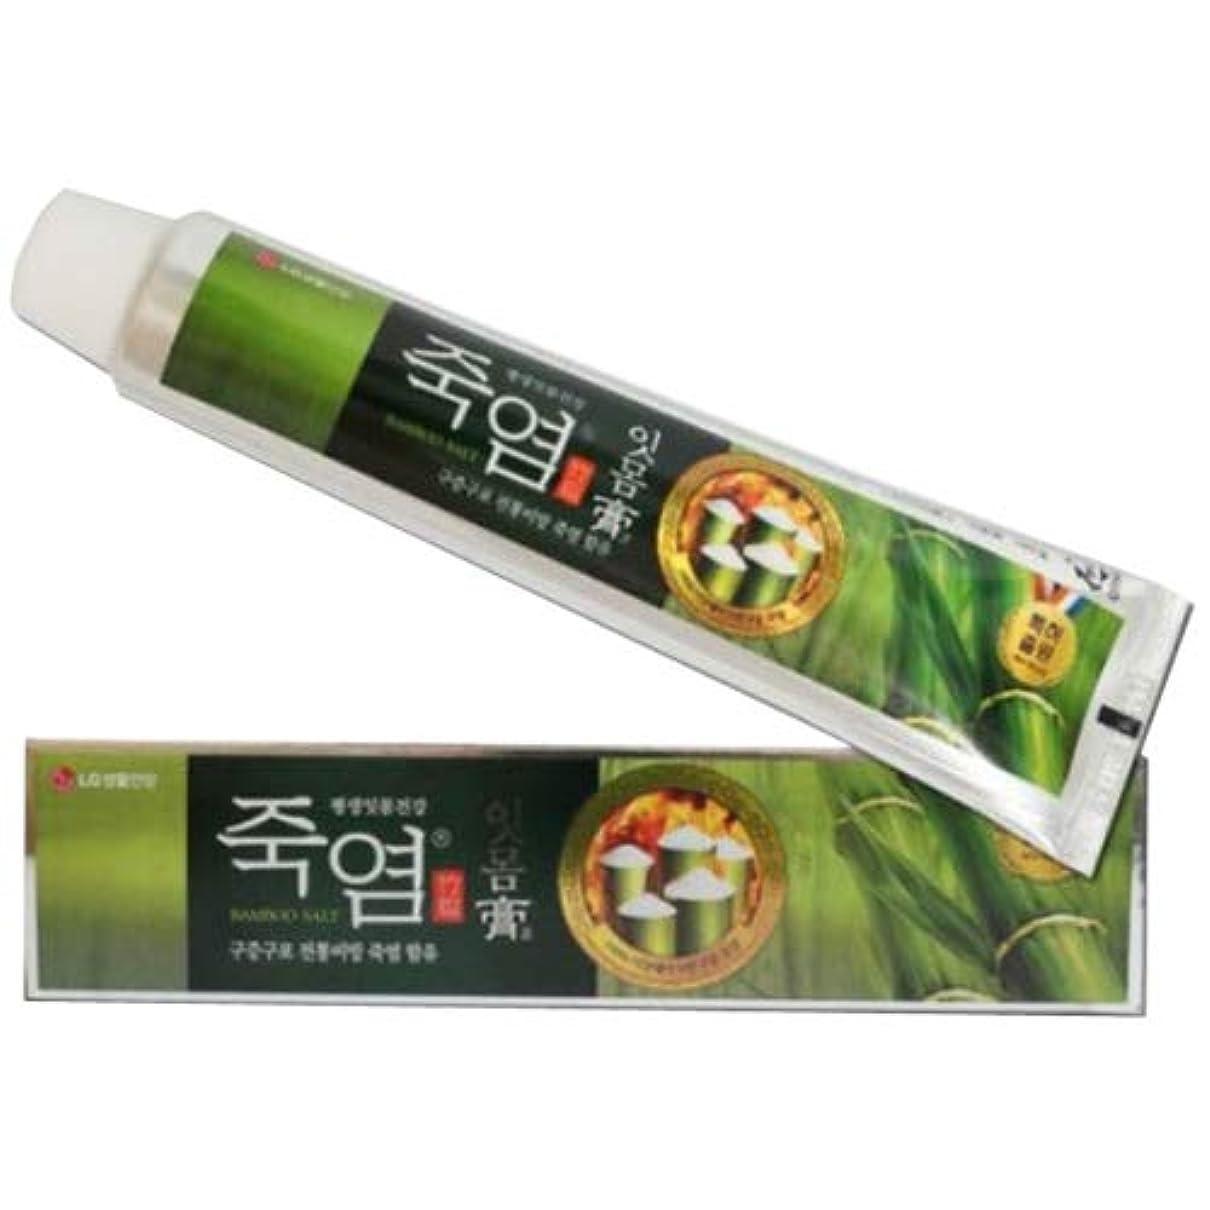 破壊的のれん闘争[LG Care/LG生活健康]竹塩歯磨き粉つぶれて歯茎を健康に120g x1EA 歯磨きセットスペシャル?リミテッドToothpaste Set Special Limited Korea